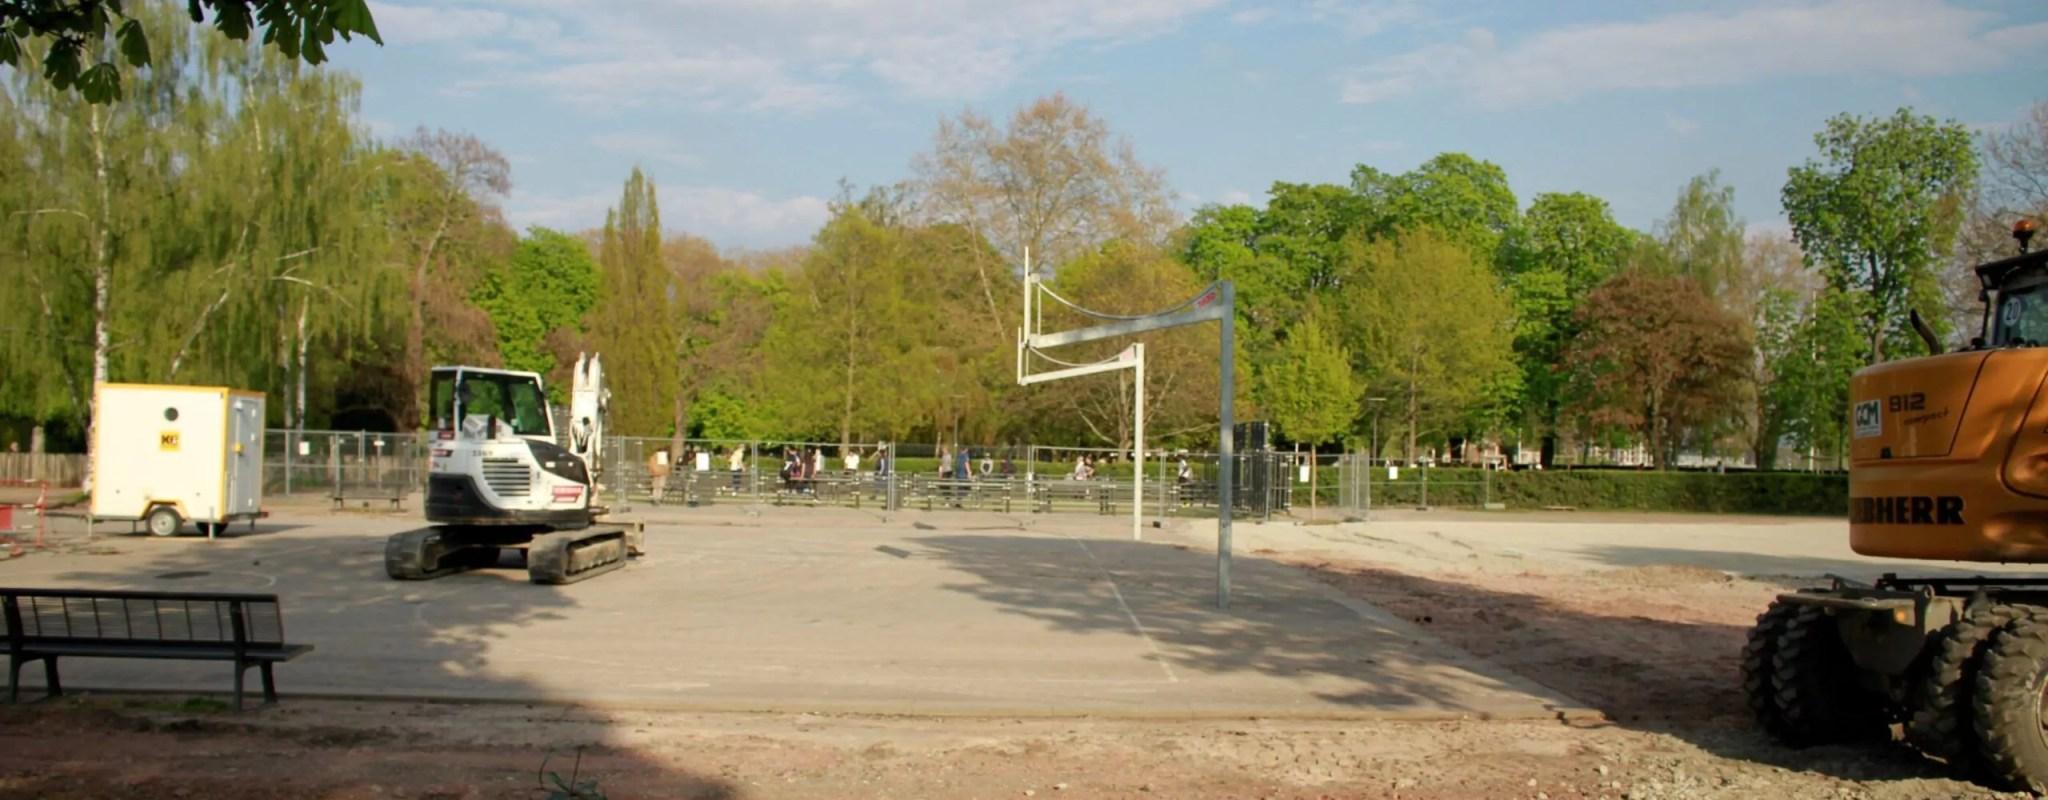 Parkour, skatepark et biergarten : les nouvelles ambitions de la Ville pour le parc et  la Halle Citadelle